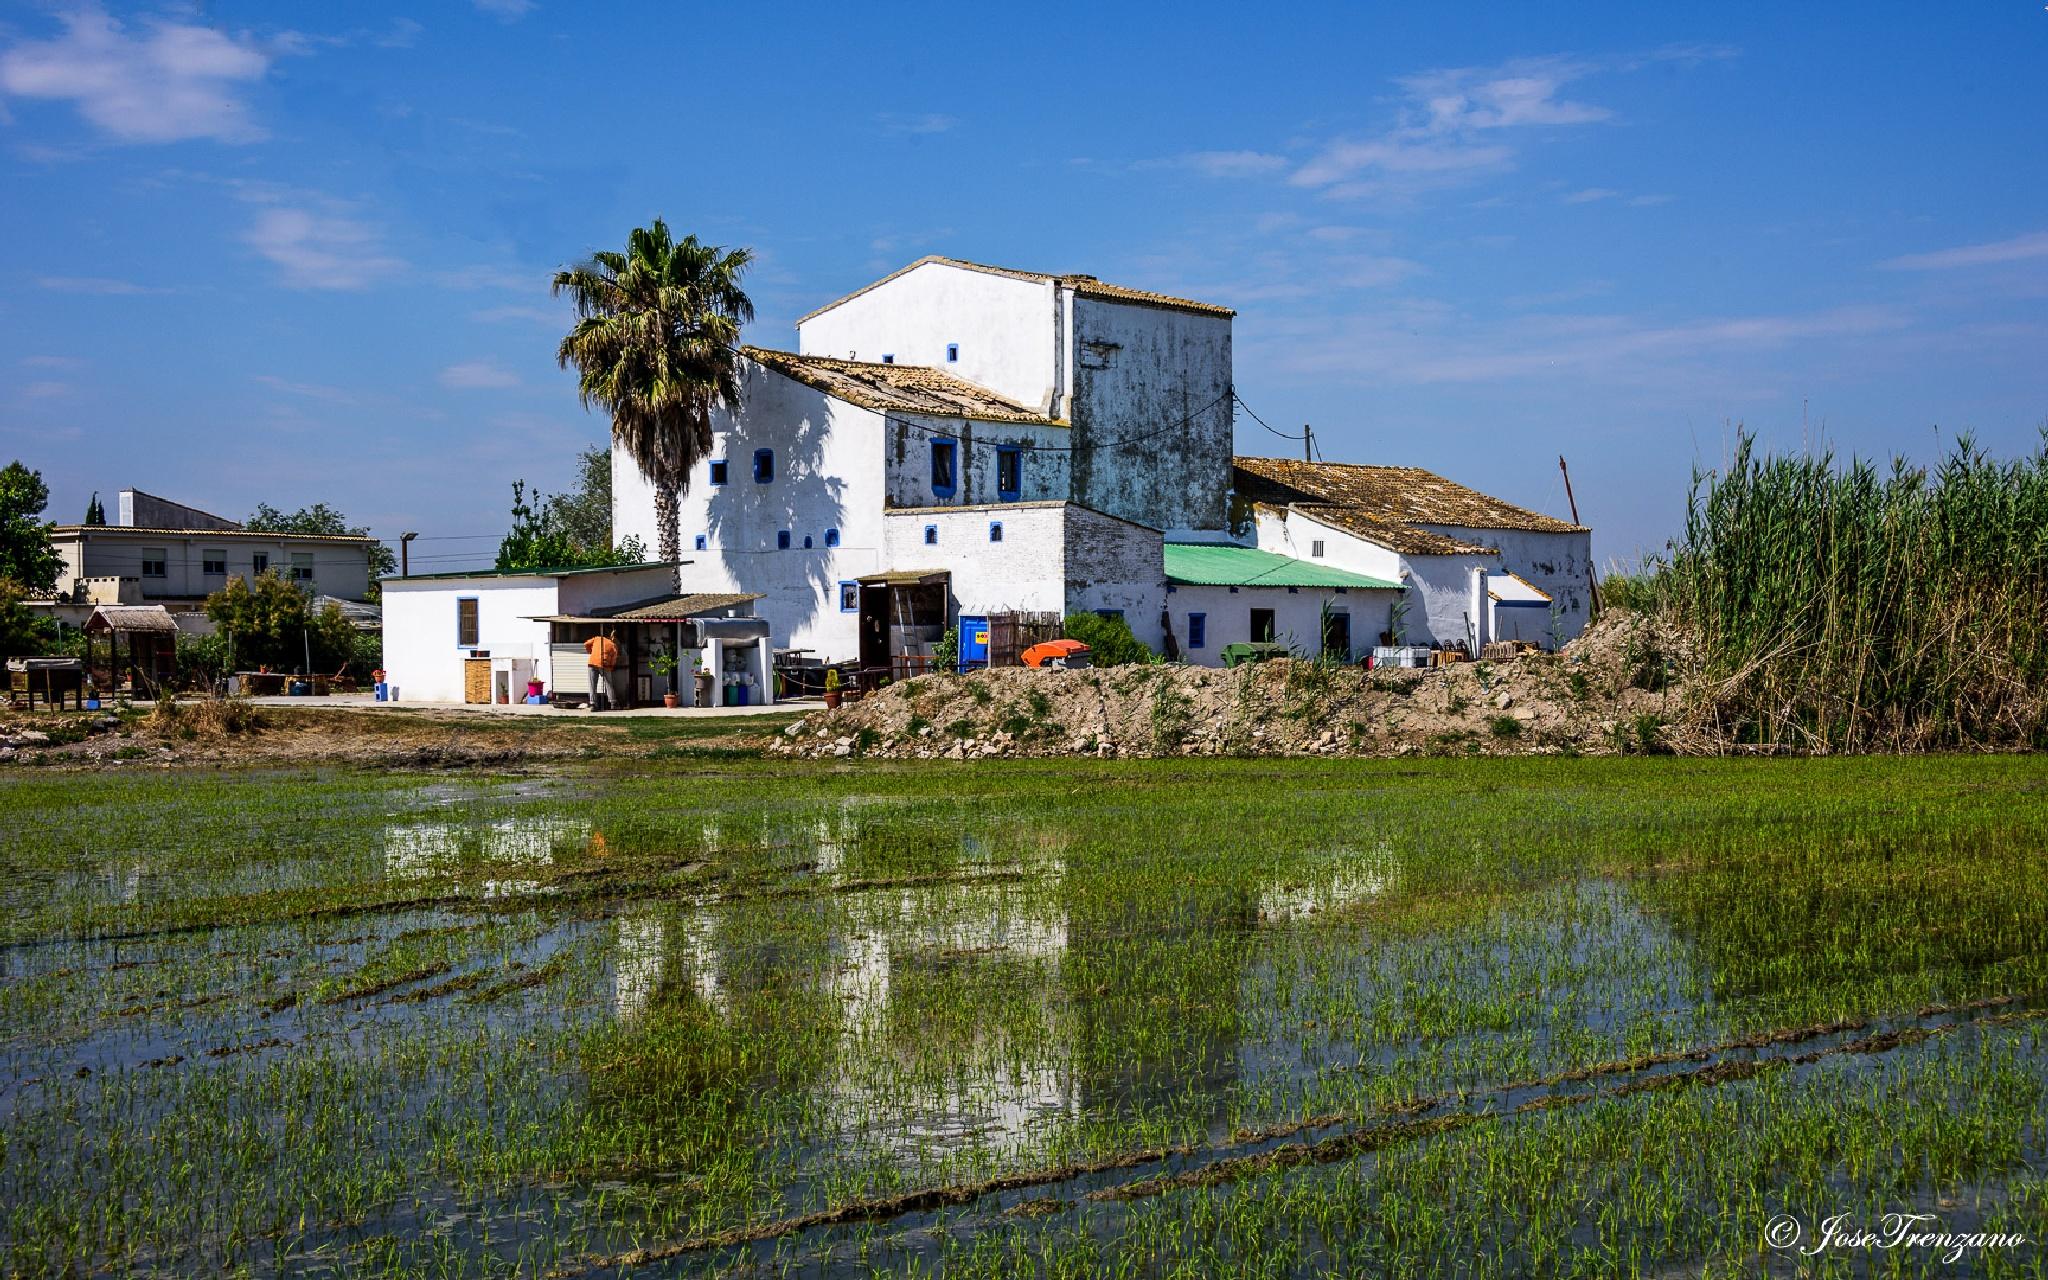 Casa en la Albufera by Jose Trenzano Martinez